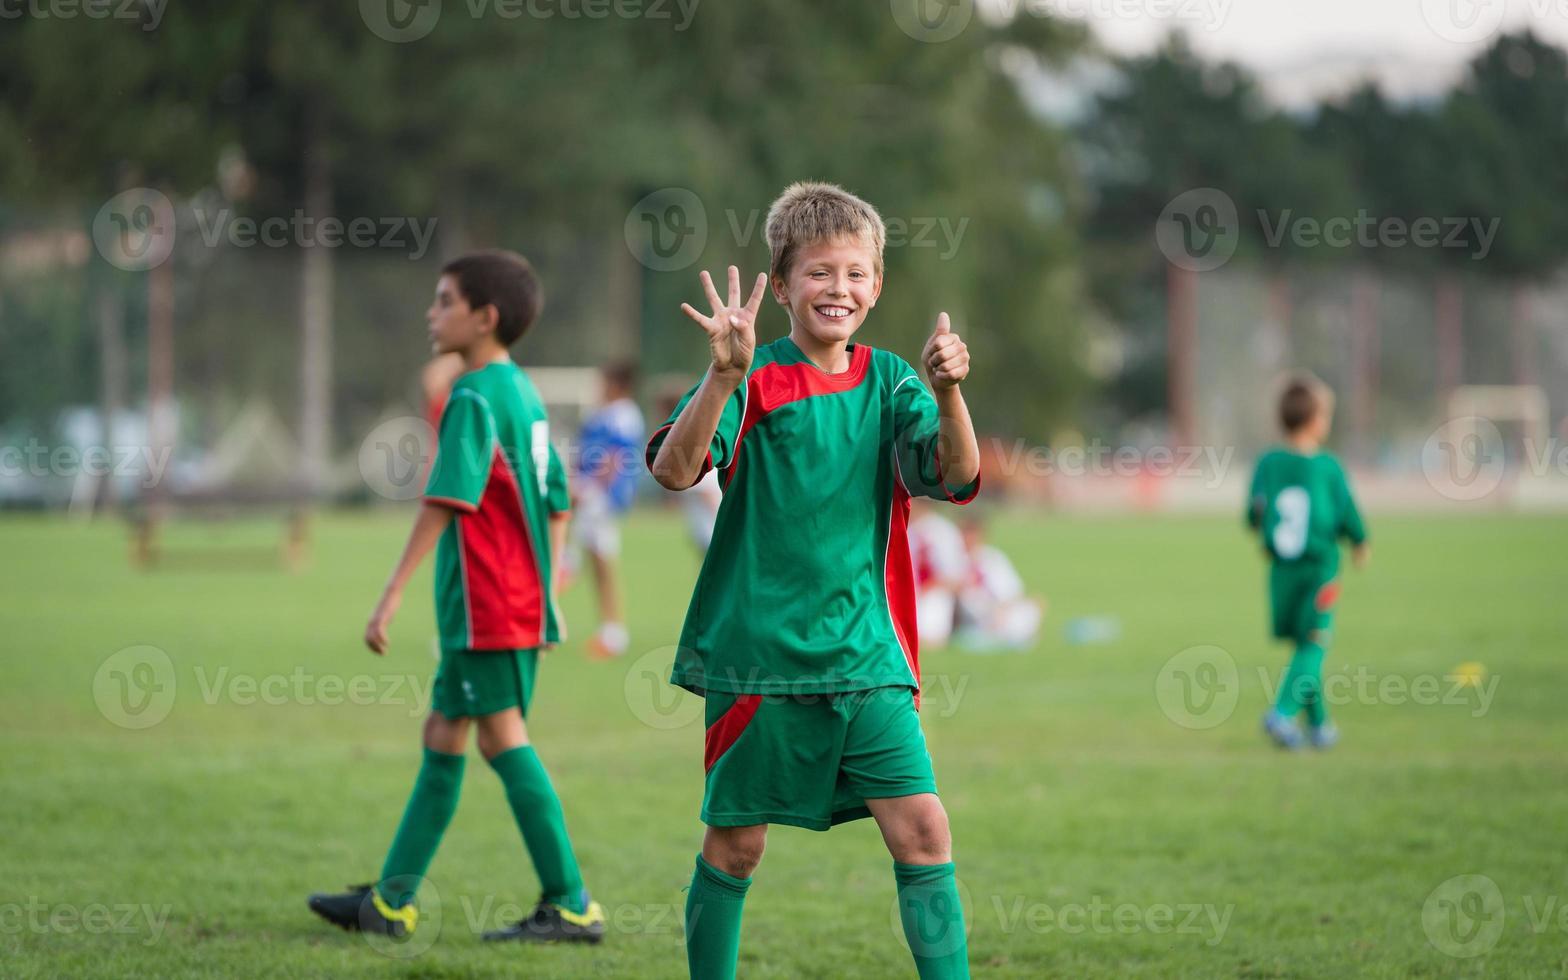 Kinderfußballspiel foto